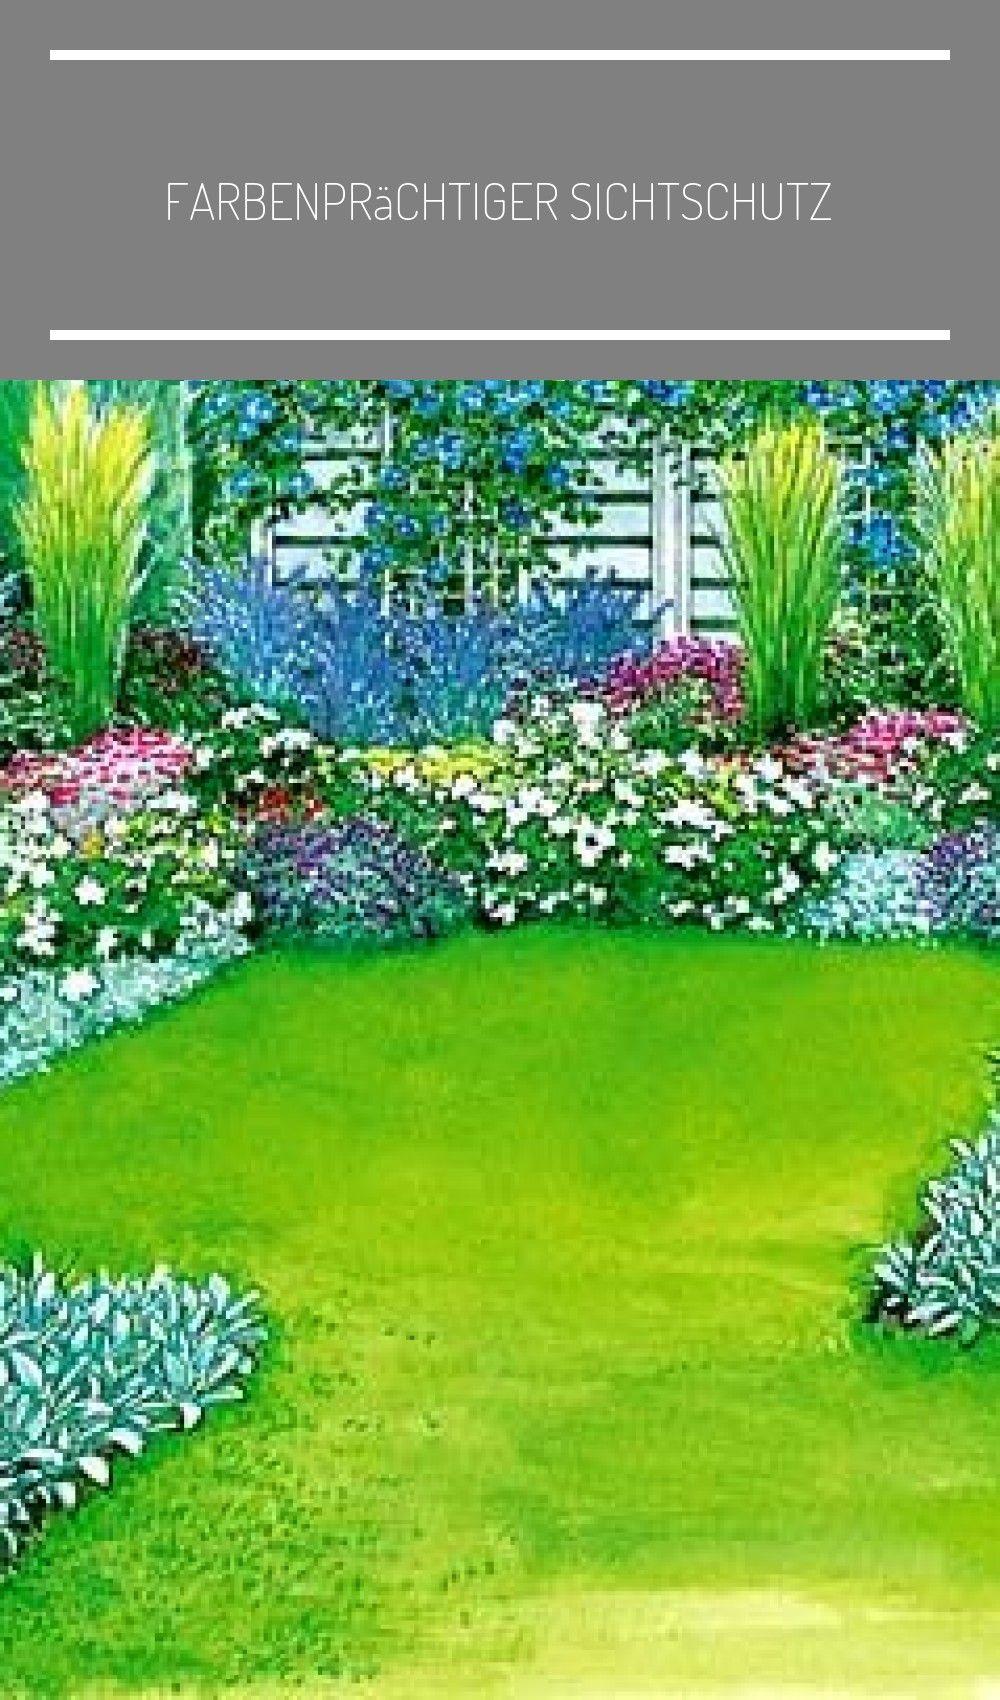 Attraktiver Sichtschutz Vorschlag 2 Mein Schoner Garten Layout Garden Plan Farbenprachtiger Sichtschutz Garden Layout Beautiful Gardens Garden Planning